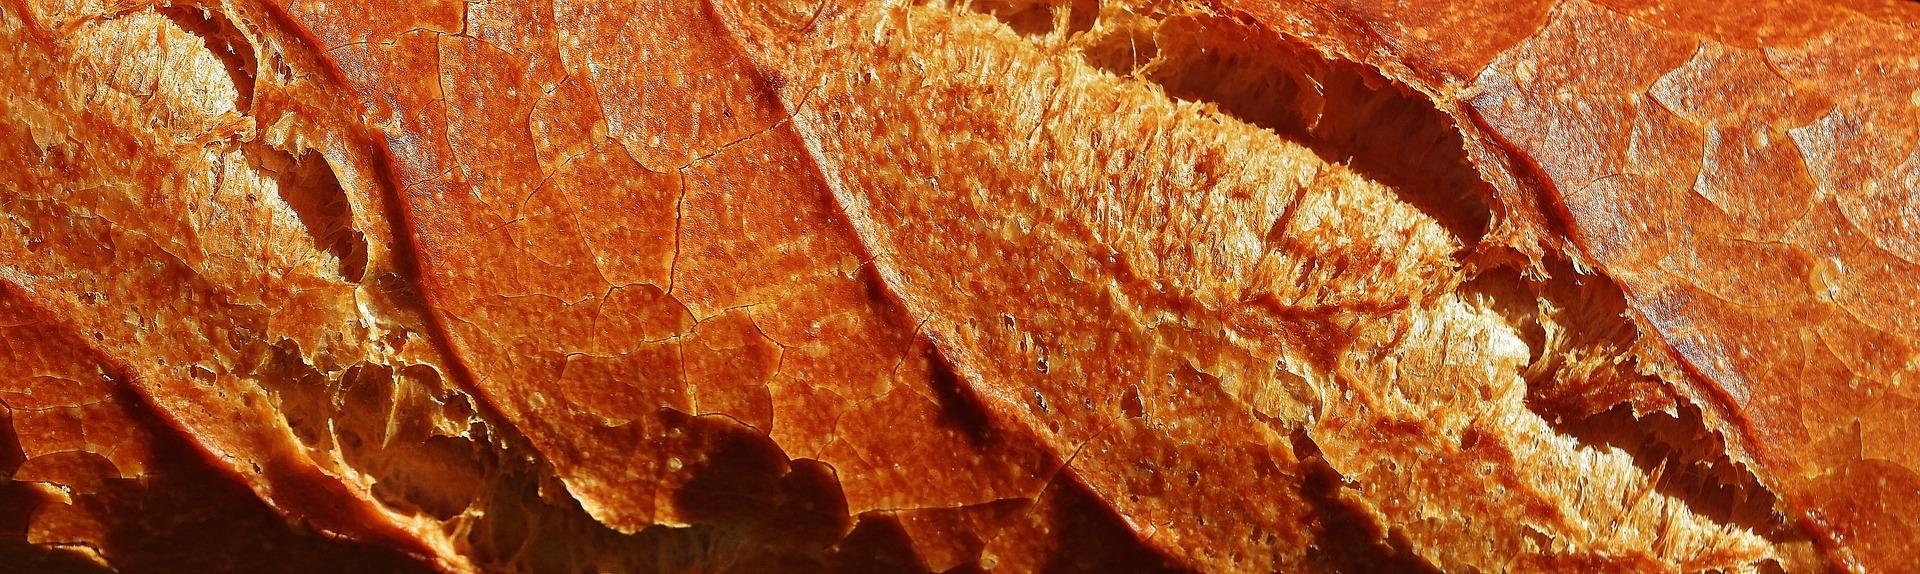 baguette-1743939_1920